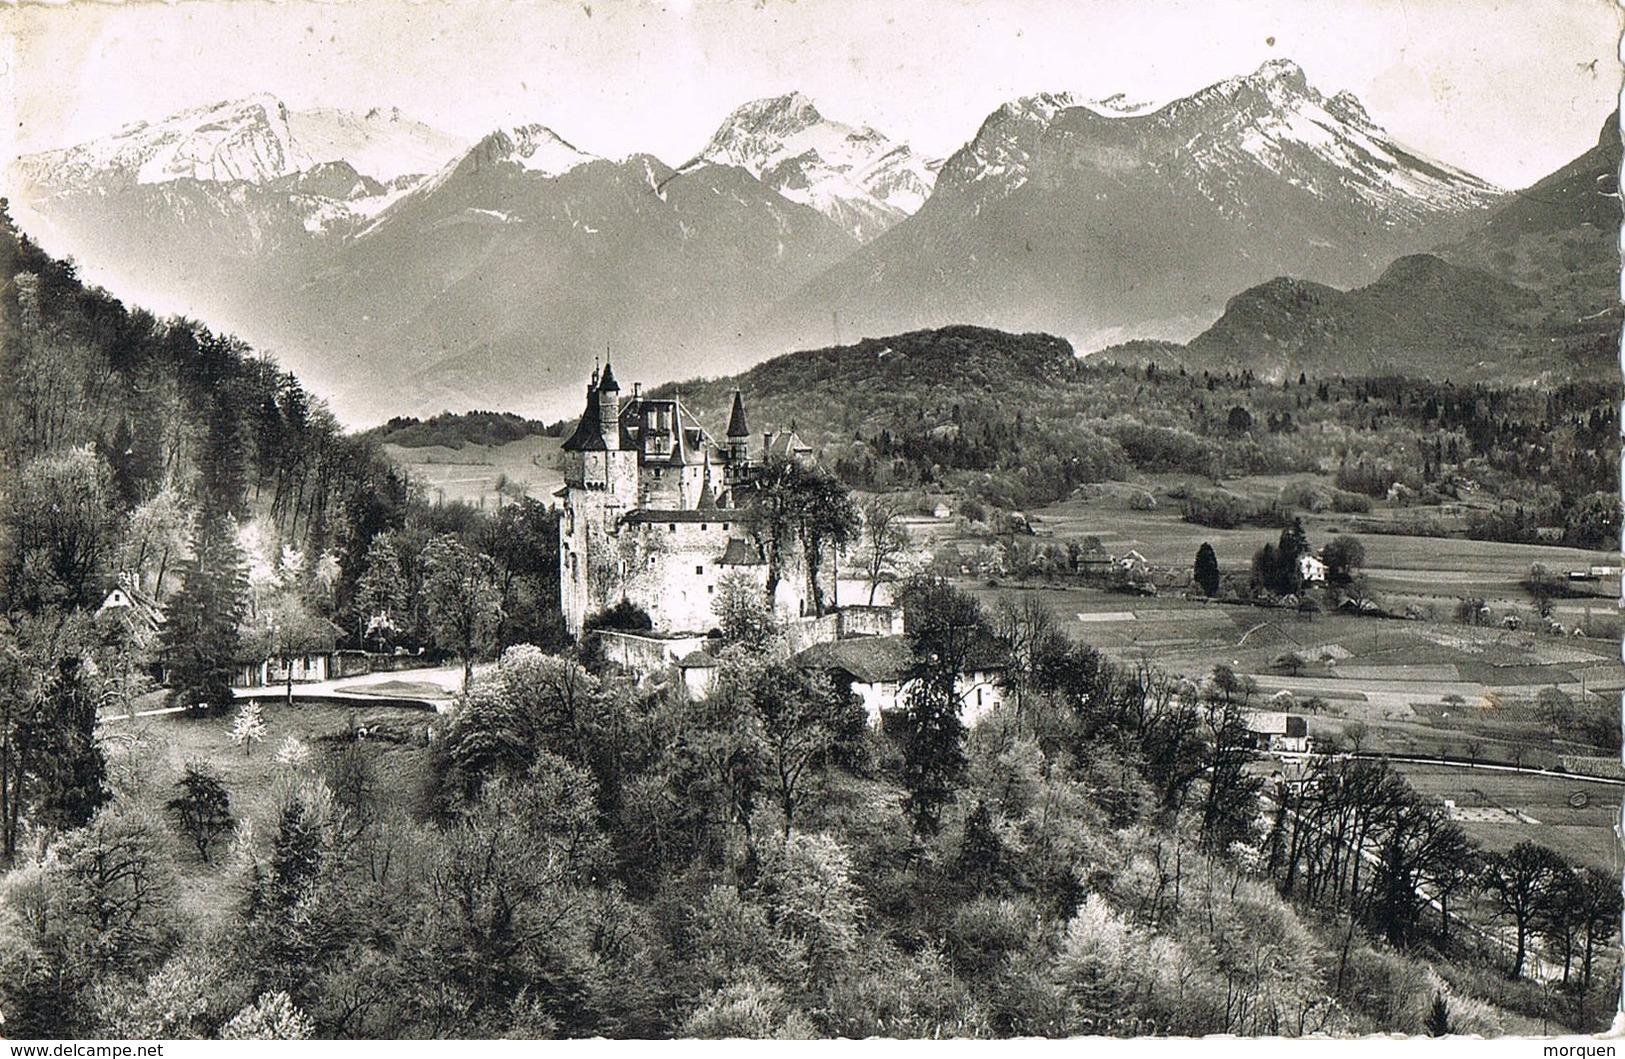 35028. Postal  ANNECY Les FINS (haute Savoie) 1959. Taxe 0,06. Tasada - Francia